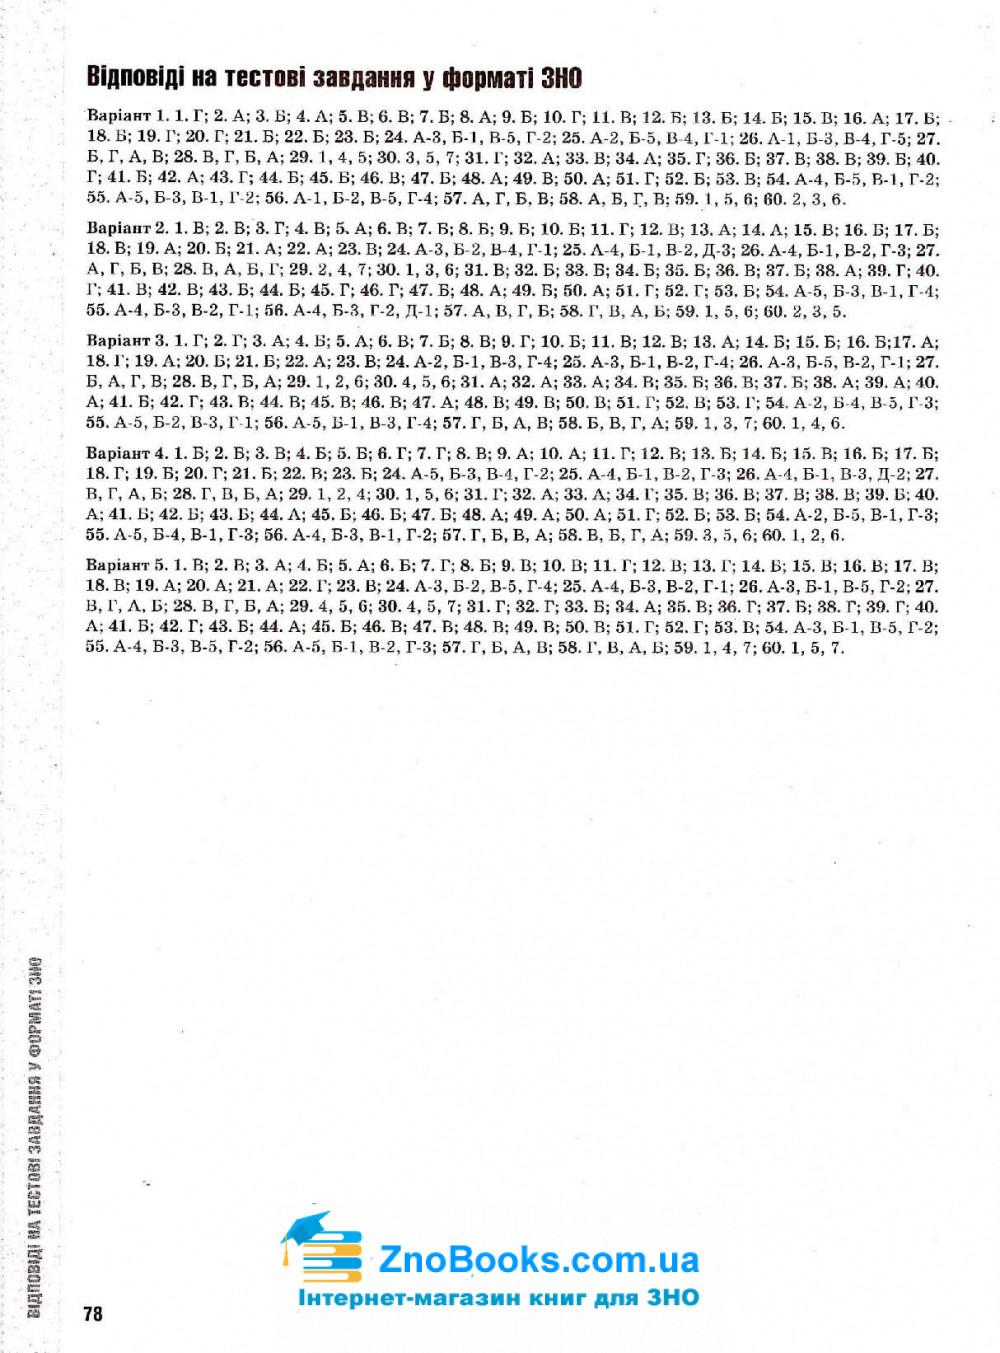 Історія України. Тестові завдання у форматі ЗНО 2021: Гук О. Освіта. купити 7